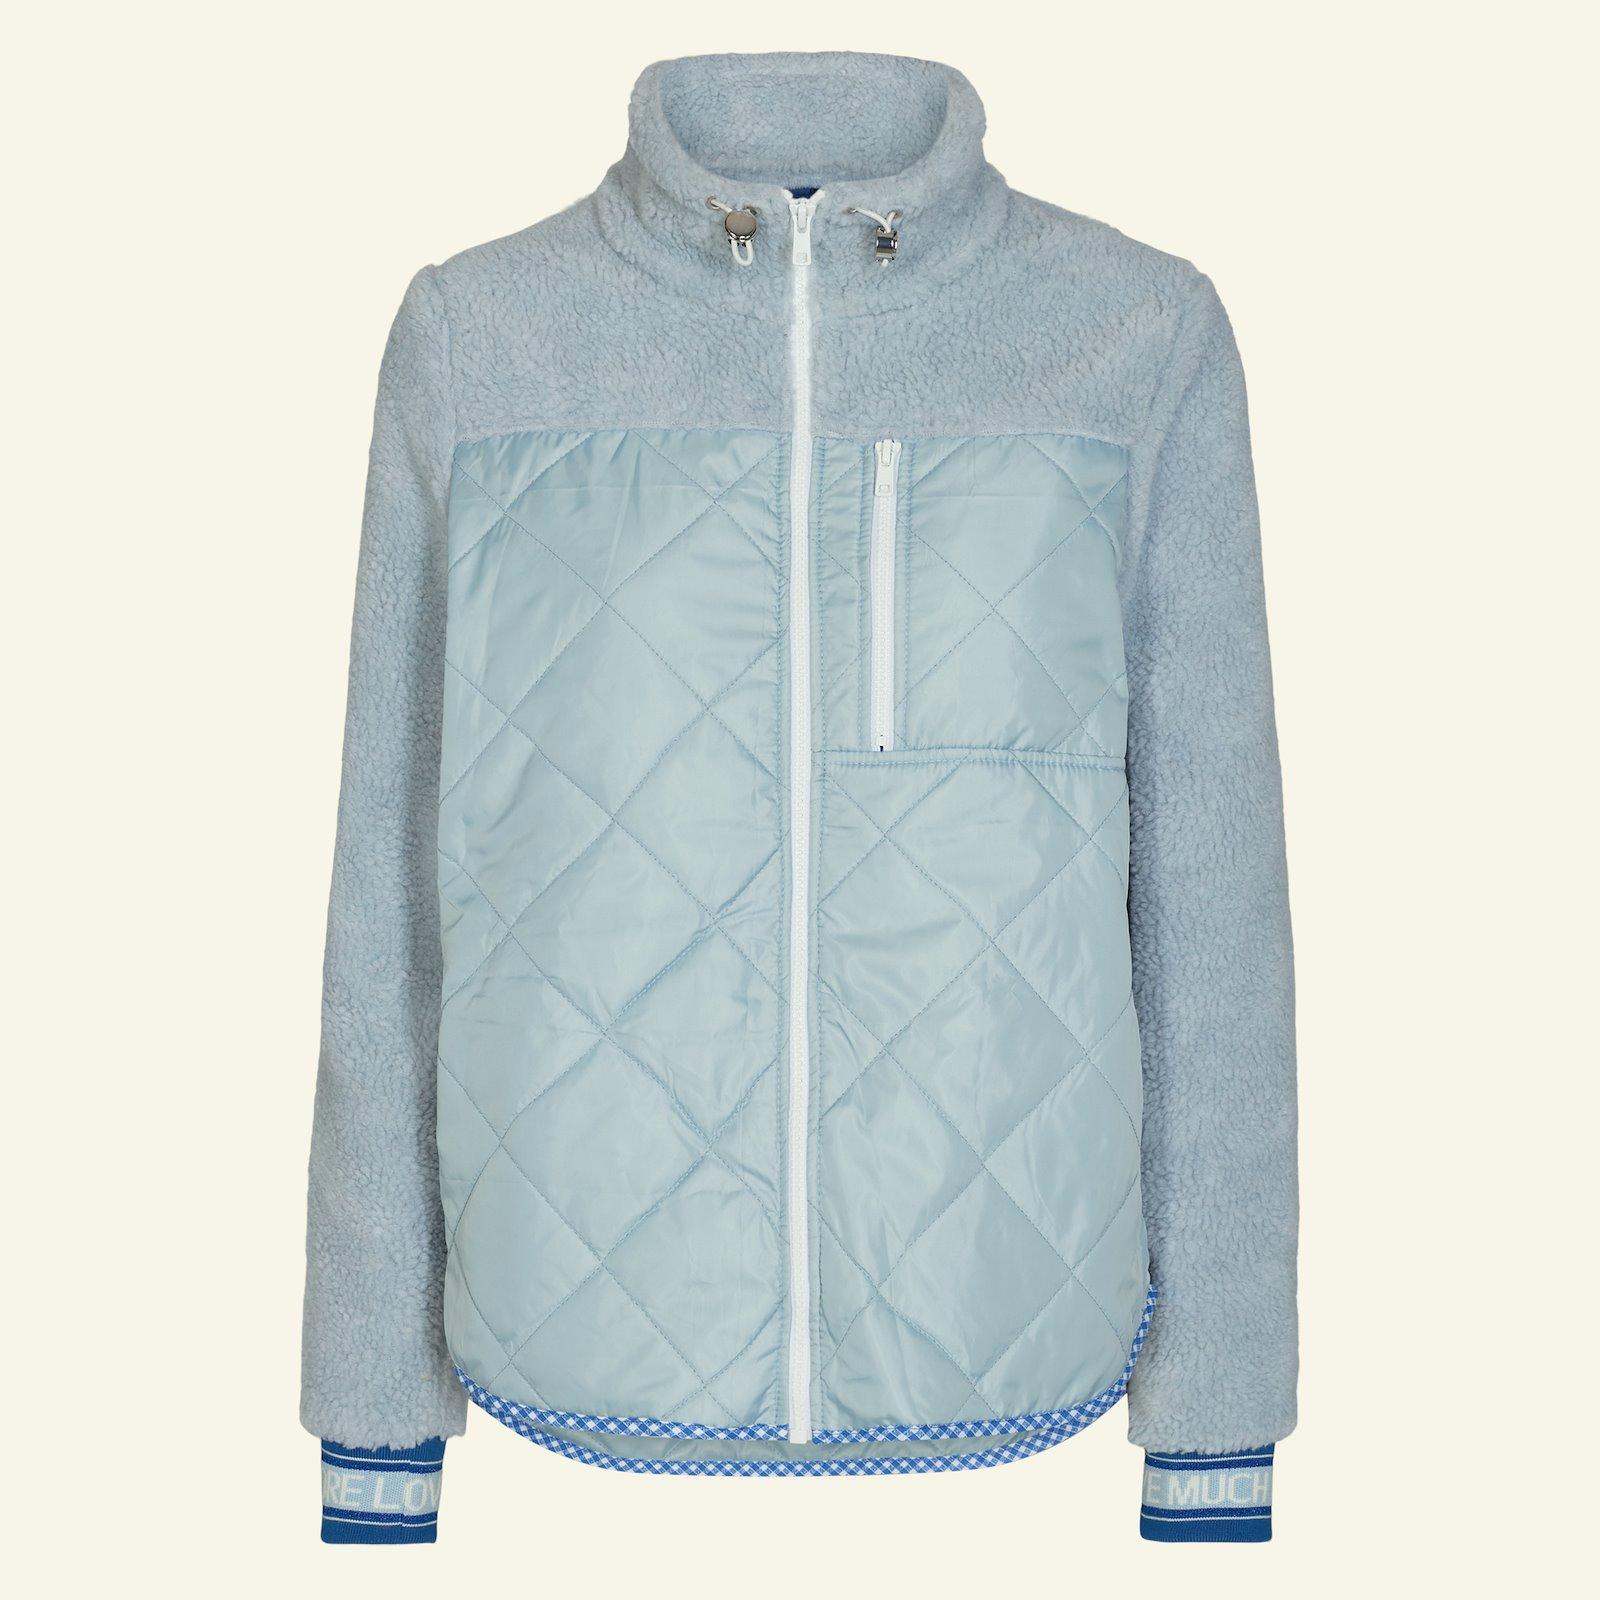 Jacket and waistcoat, 40/12 p24049_910281_920225_96188_sskit